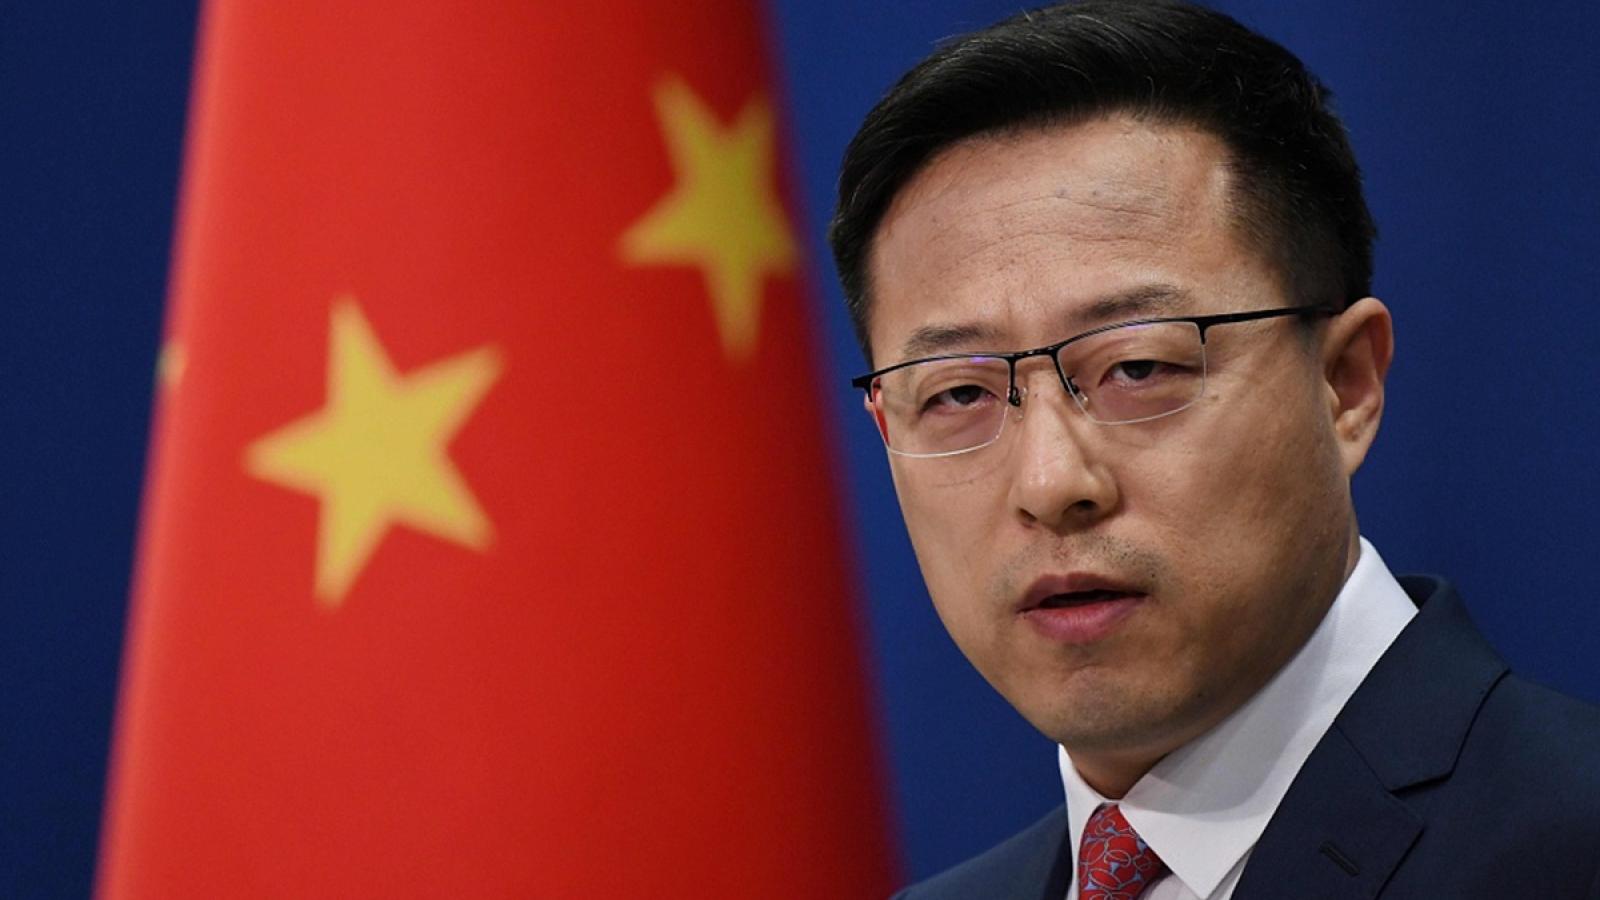 Trung Quốc đề nghị WHO đến Mỹ điều tra nguồn gốc dịch Covid-19